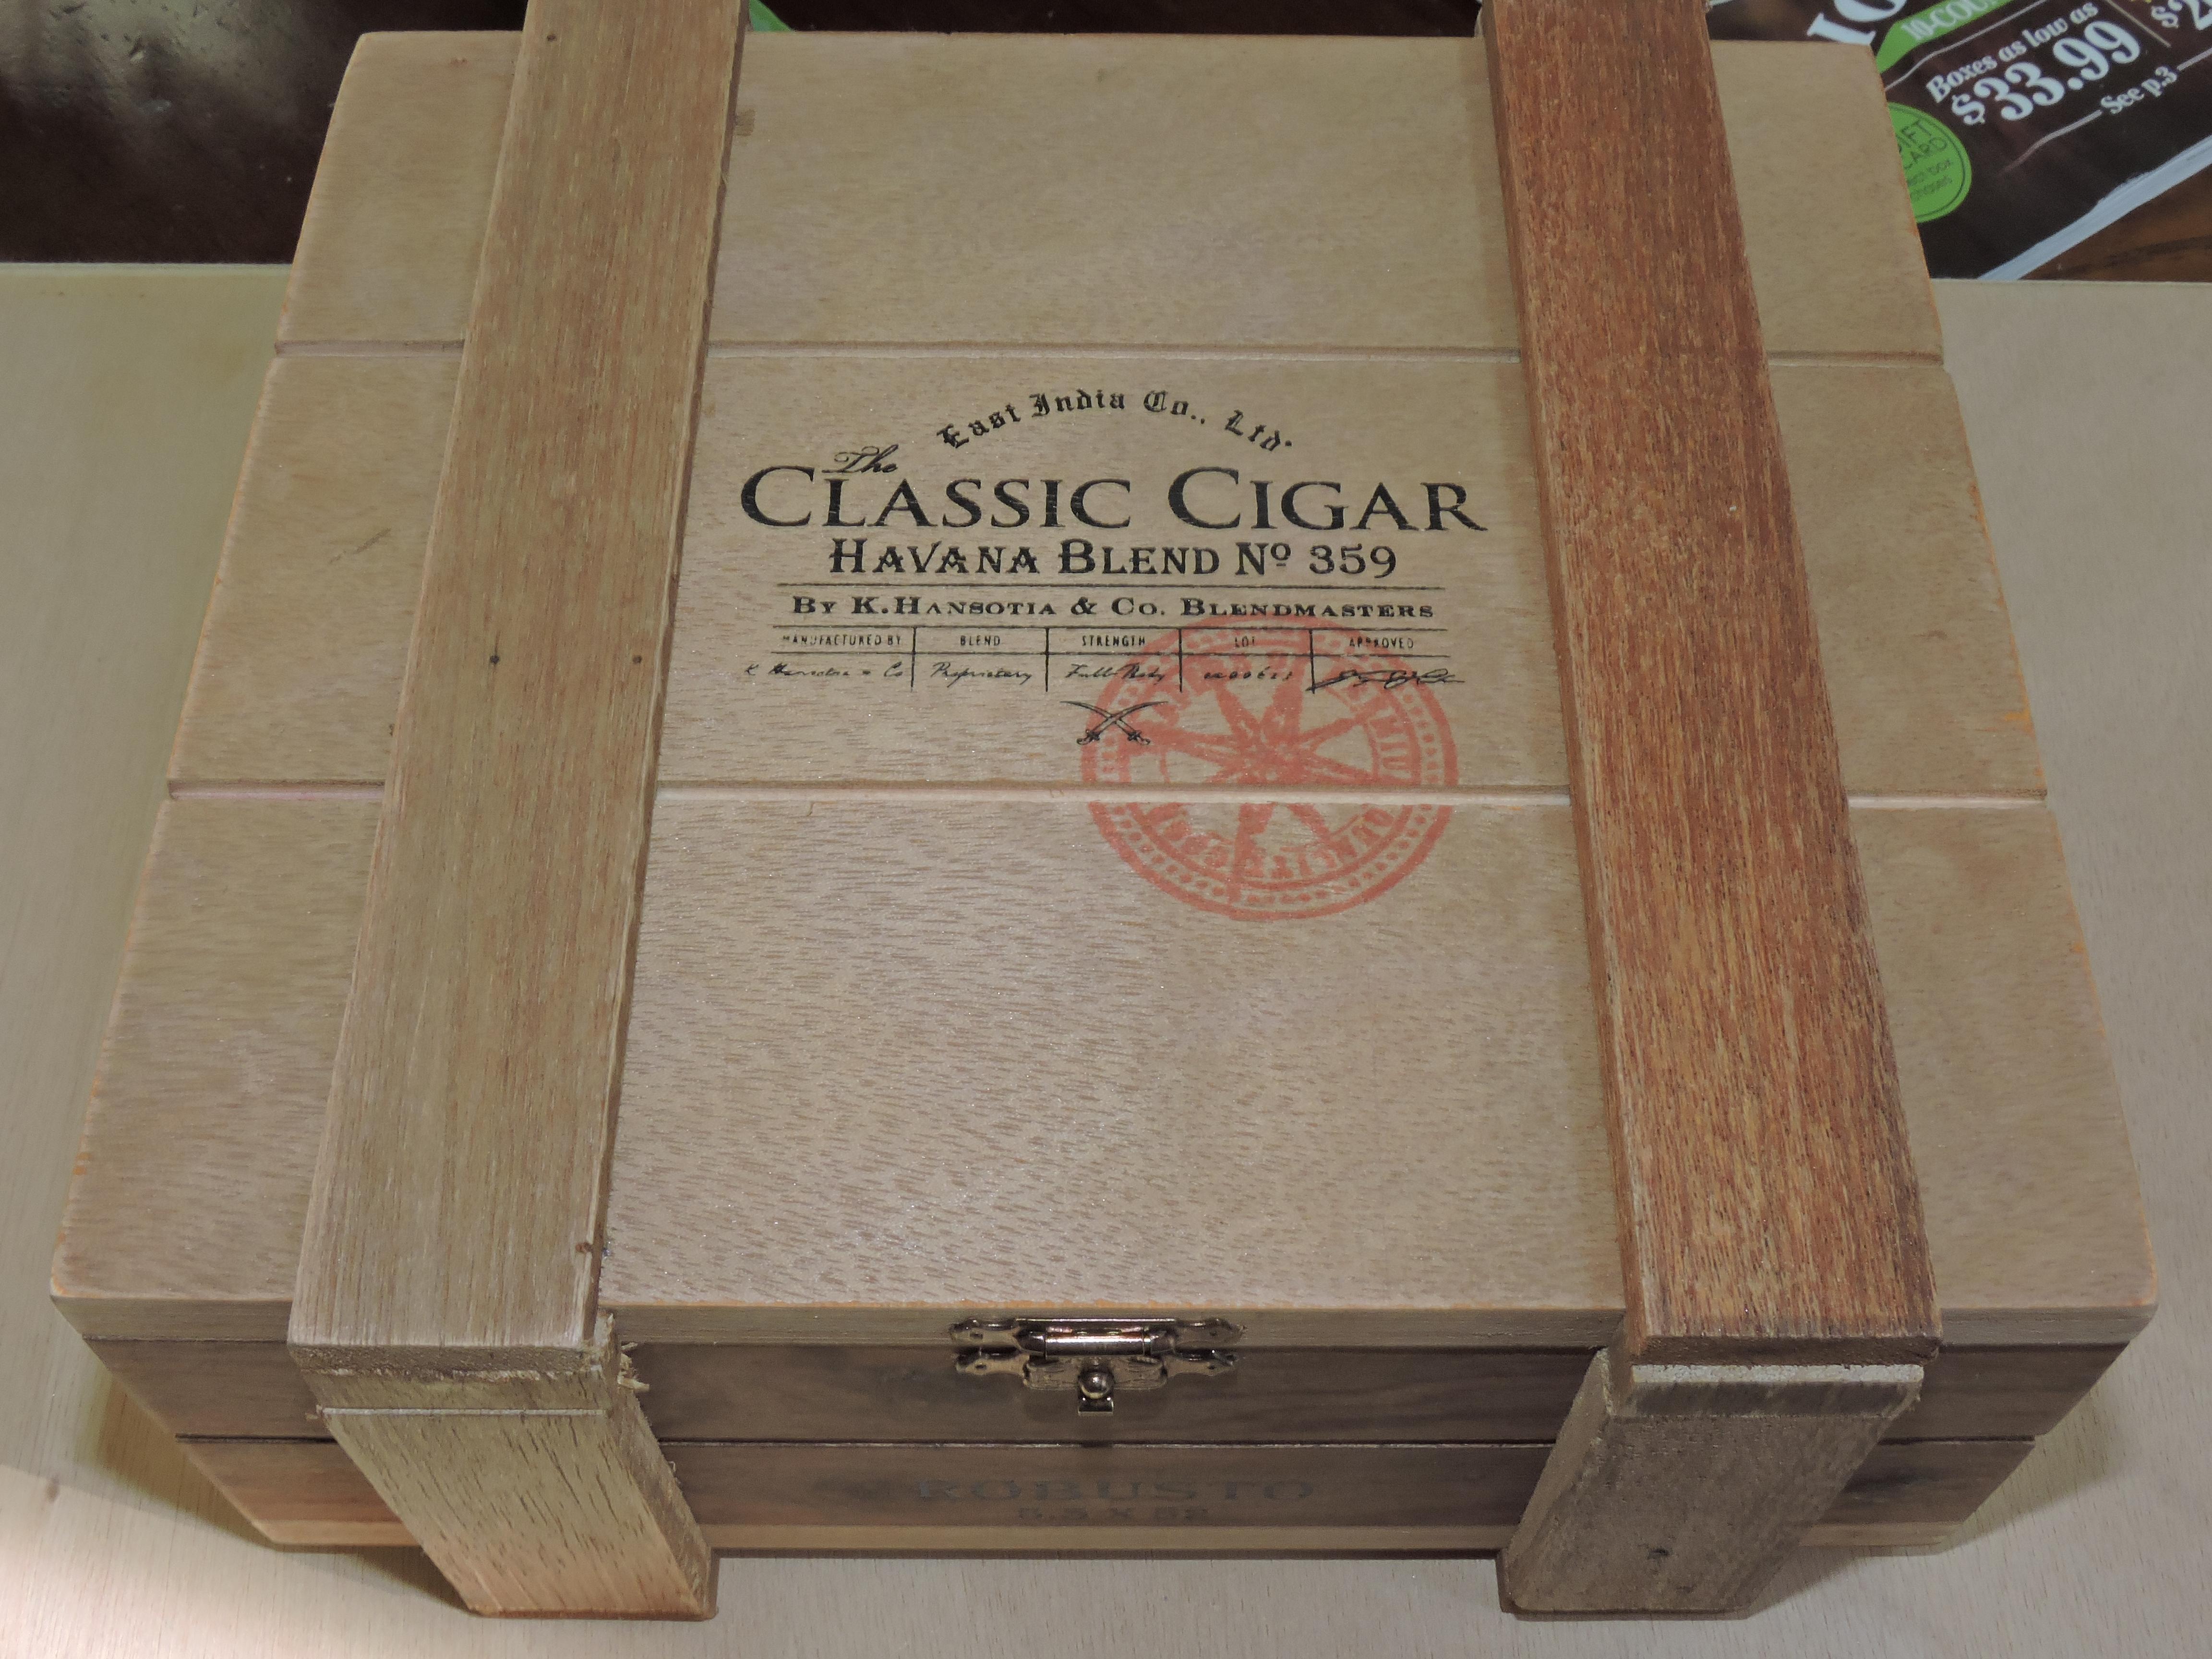 Cigar News: East India Trading Company Classic Cigar Havana Blend Lancero Debuts at 2015 IPCPR